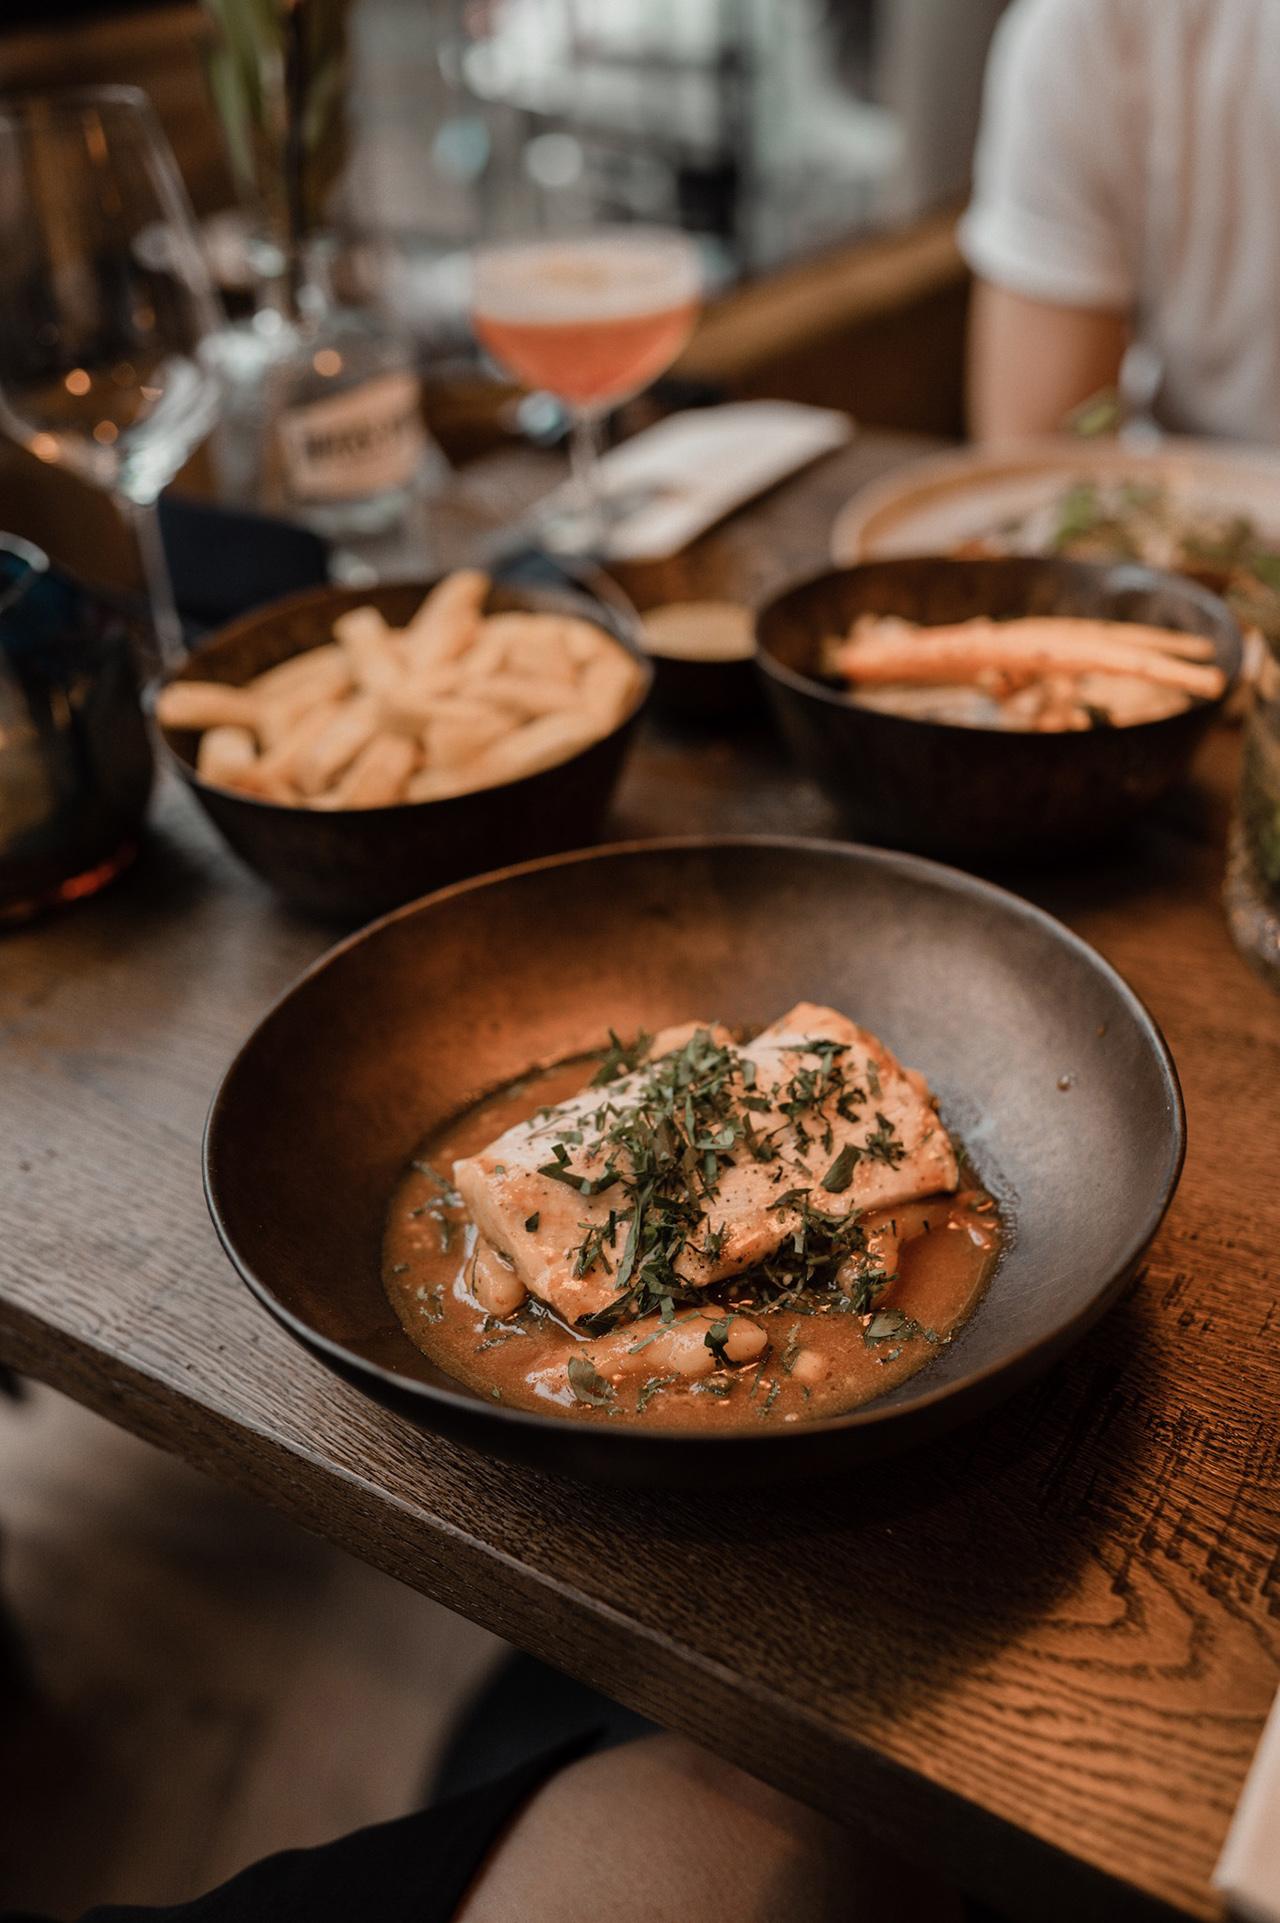 noon-maastricht-interior-restaurant-fish-maincourse